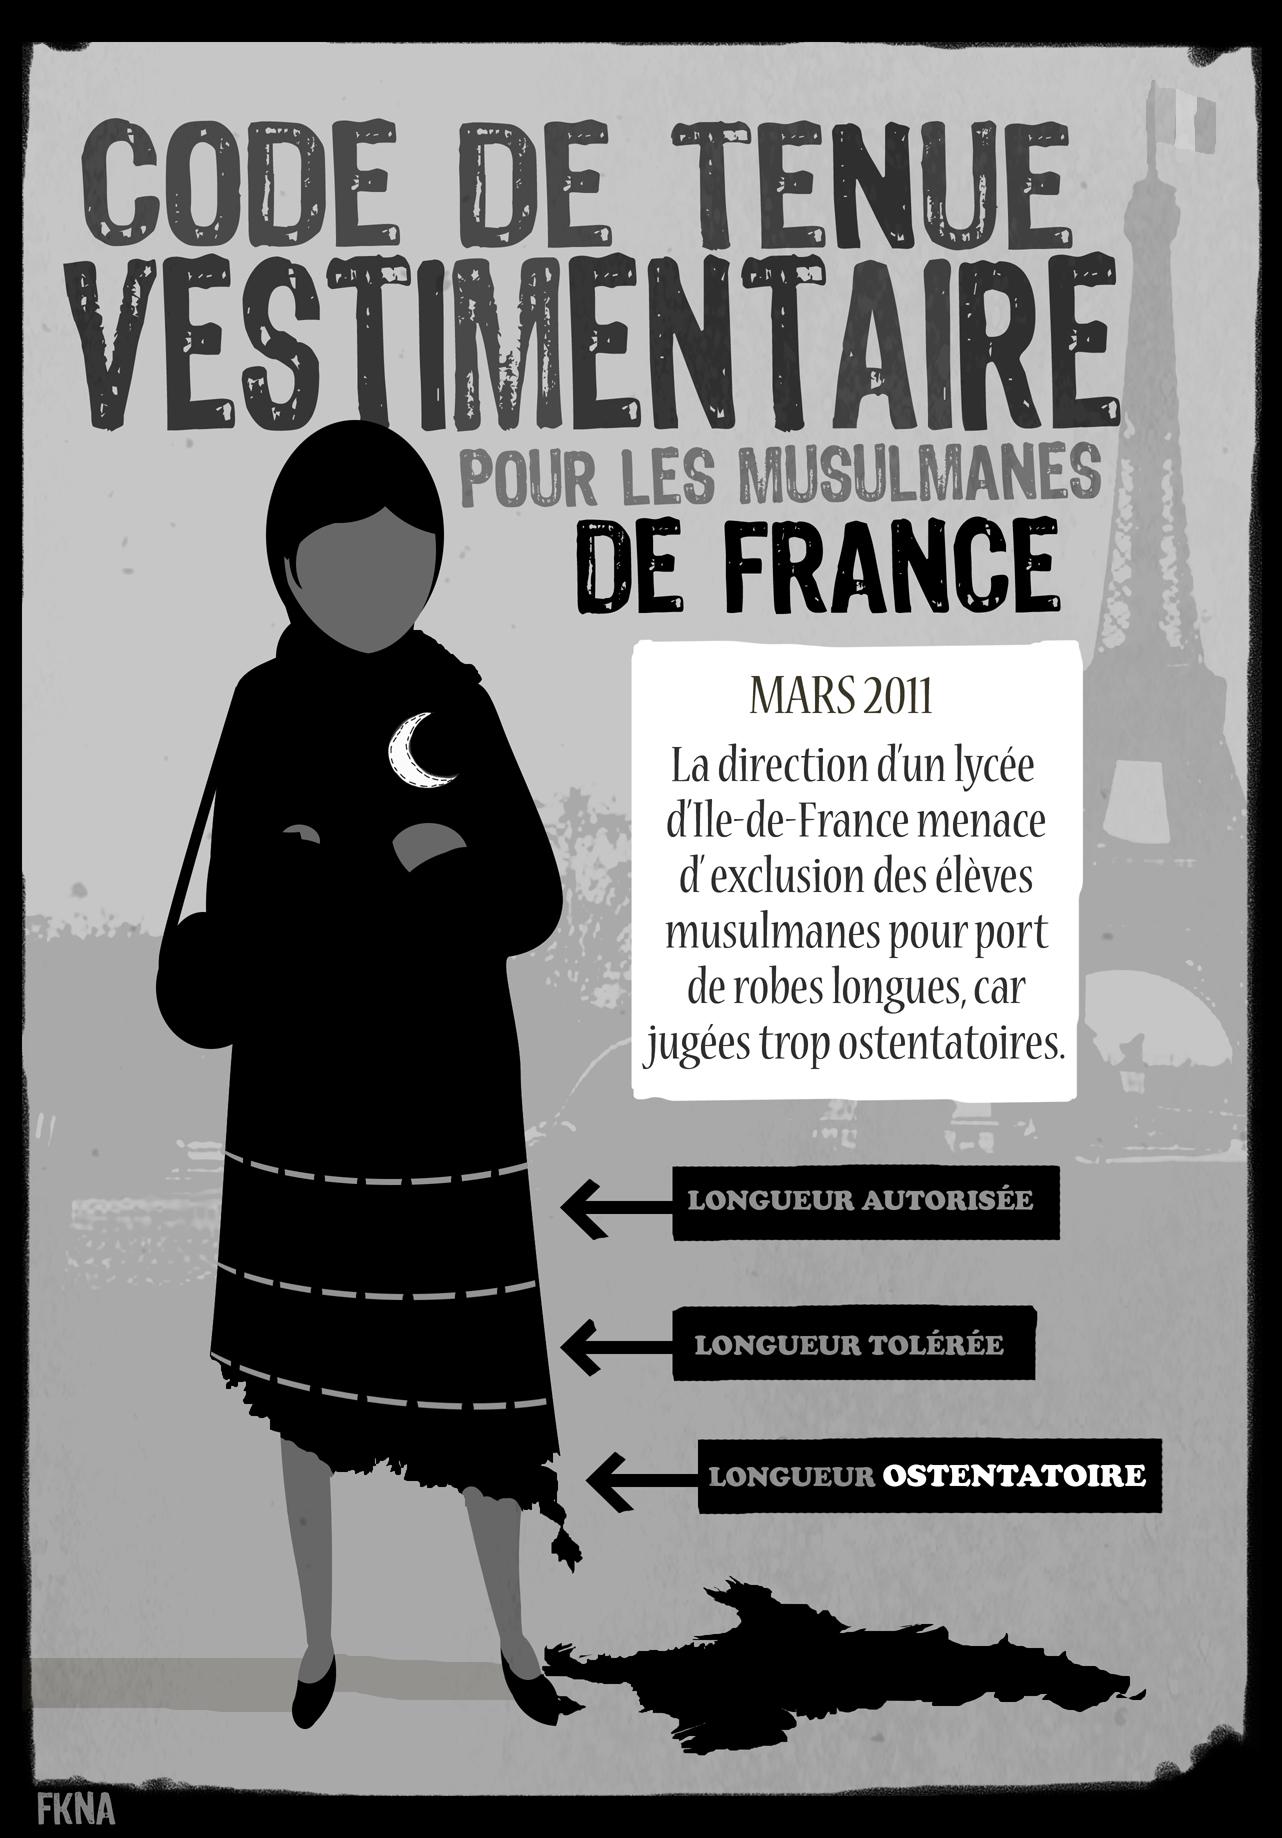 code de tenue vestimentaire pour musulmanes de france